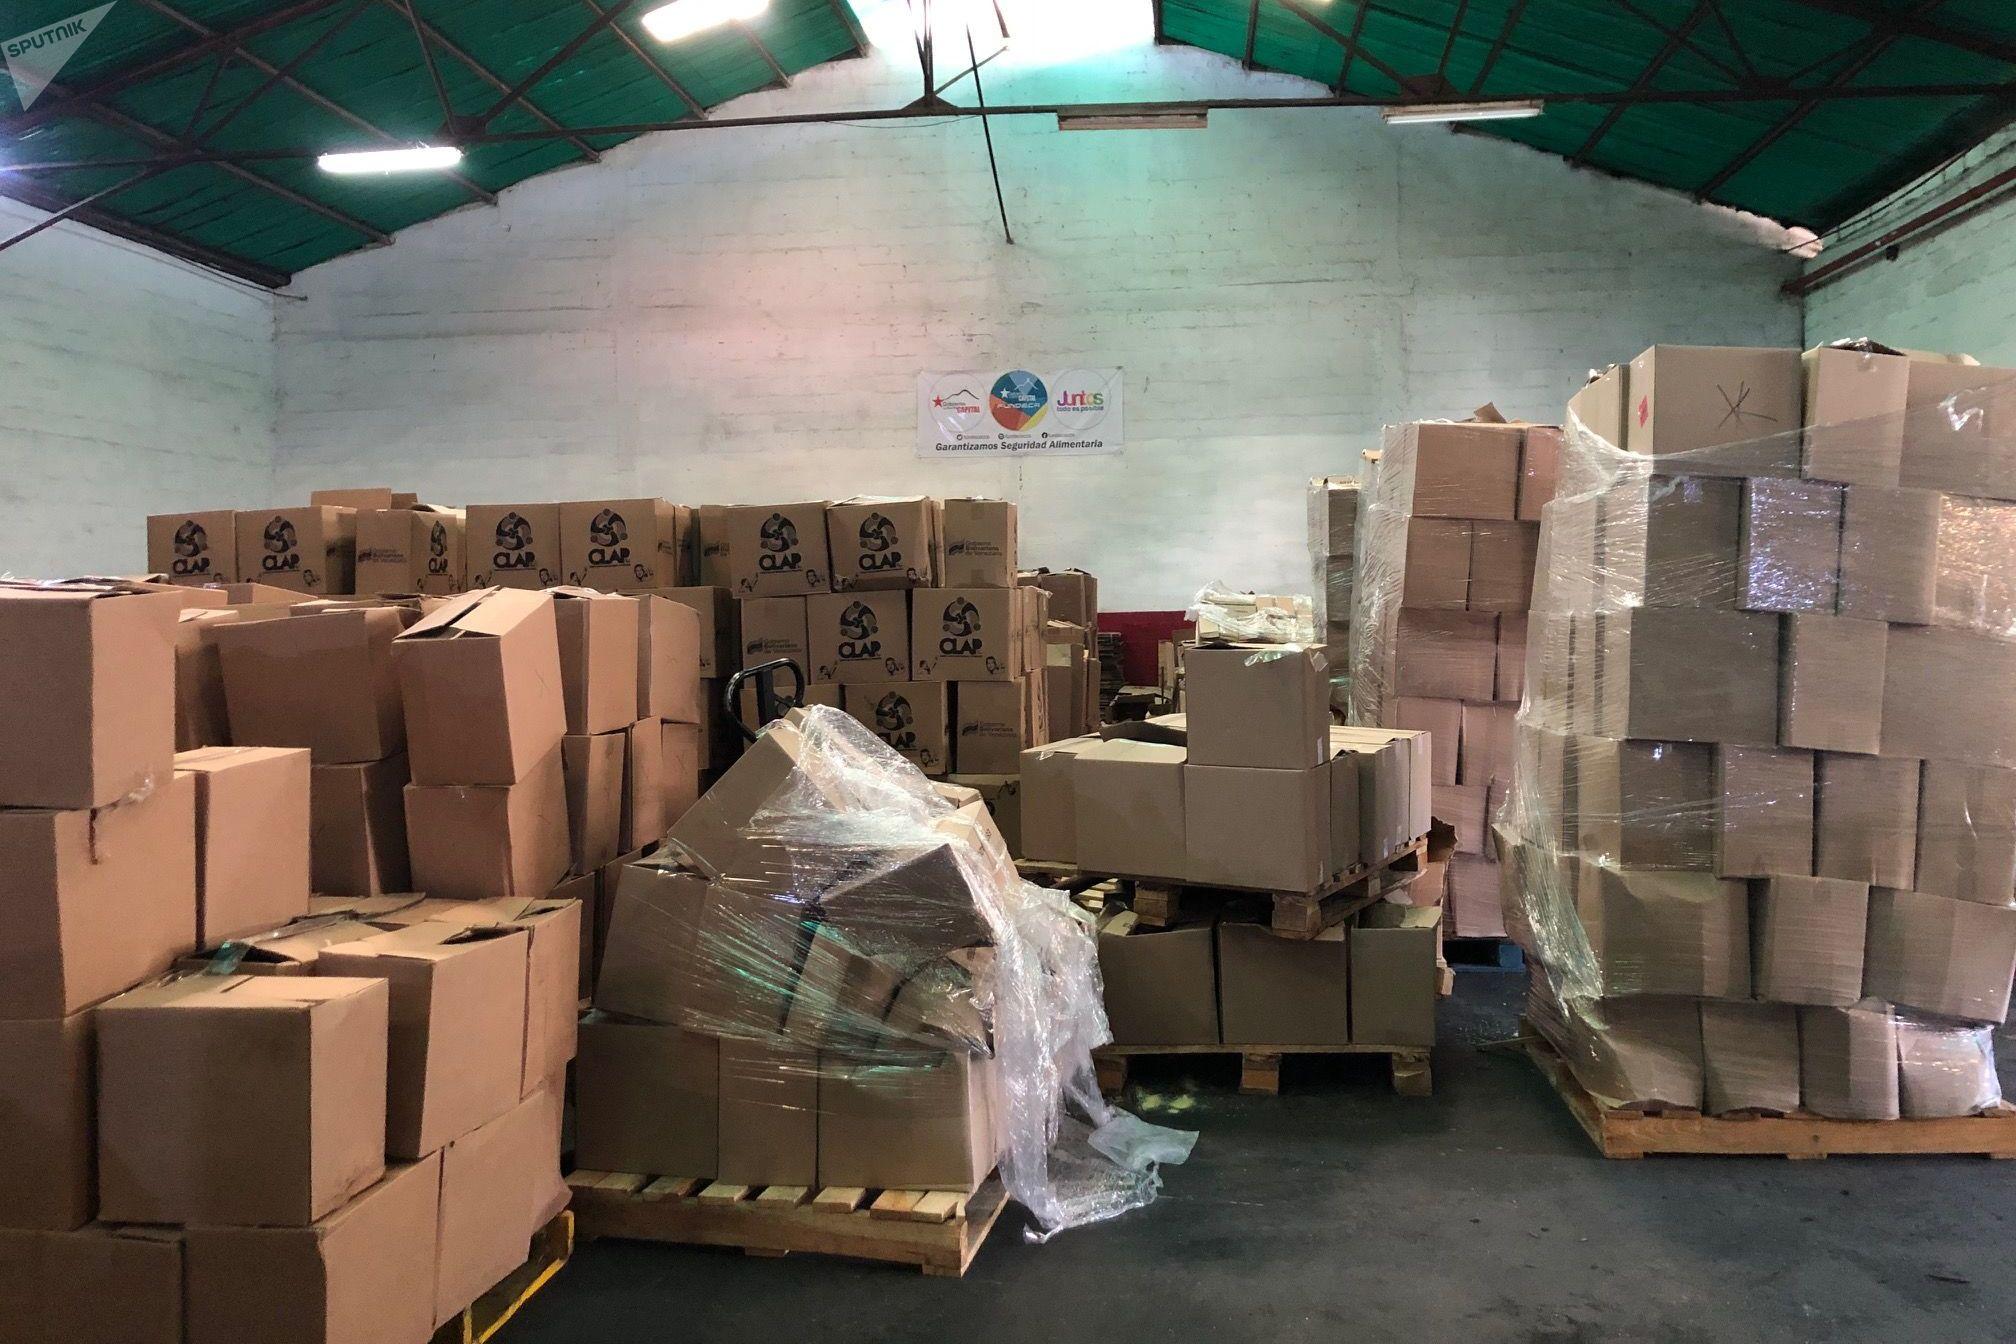 El contenido de las cajas CLAP costaría unos 20 dólares en el mercado, pero la subvención gubernamental las deja disponibles al pueblo por menos de un dólar